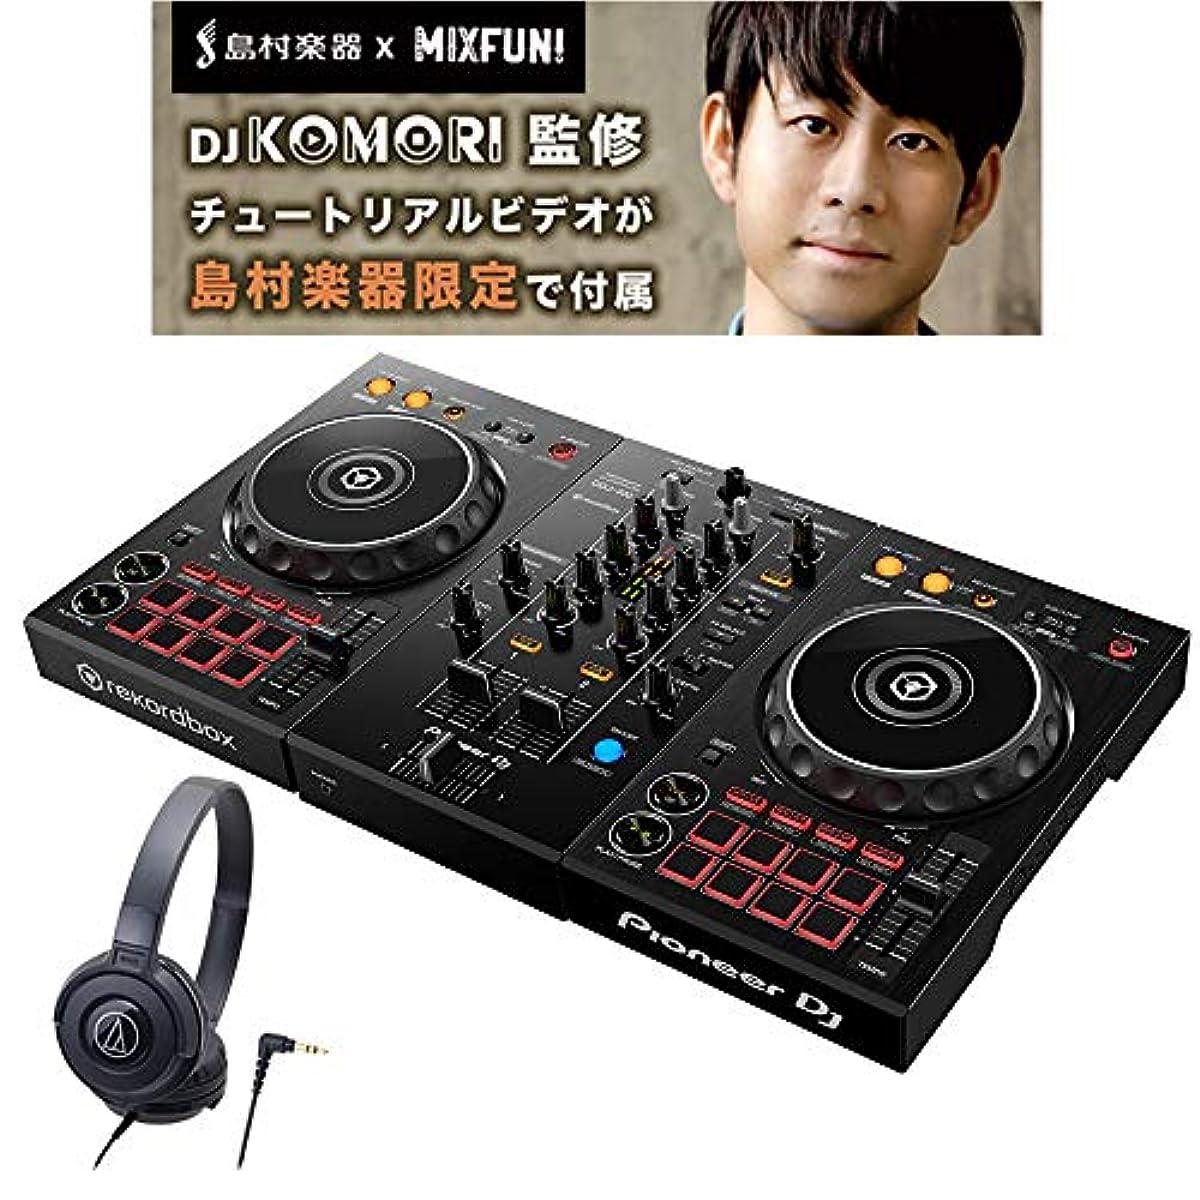 [해외] PIONEER DDJ-400 디지탈 DJ초심자 세트LITE 블랙 [본체+REKORDBOX DJ+AUDIO-TECHNICA 헤드폰] 파이오니아